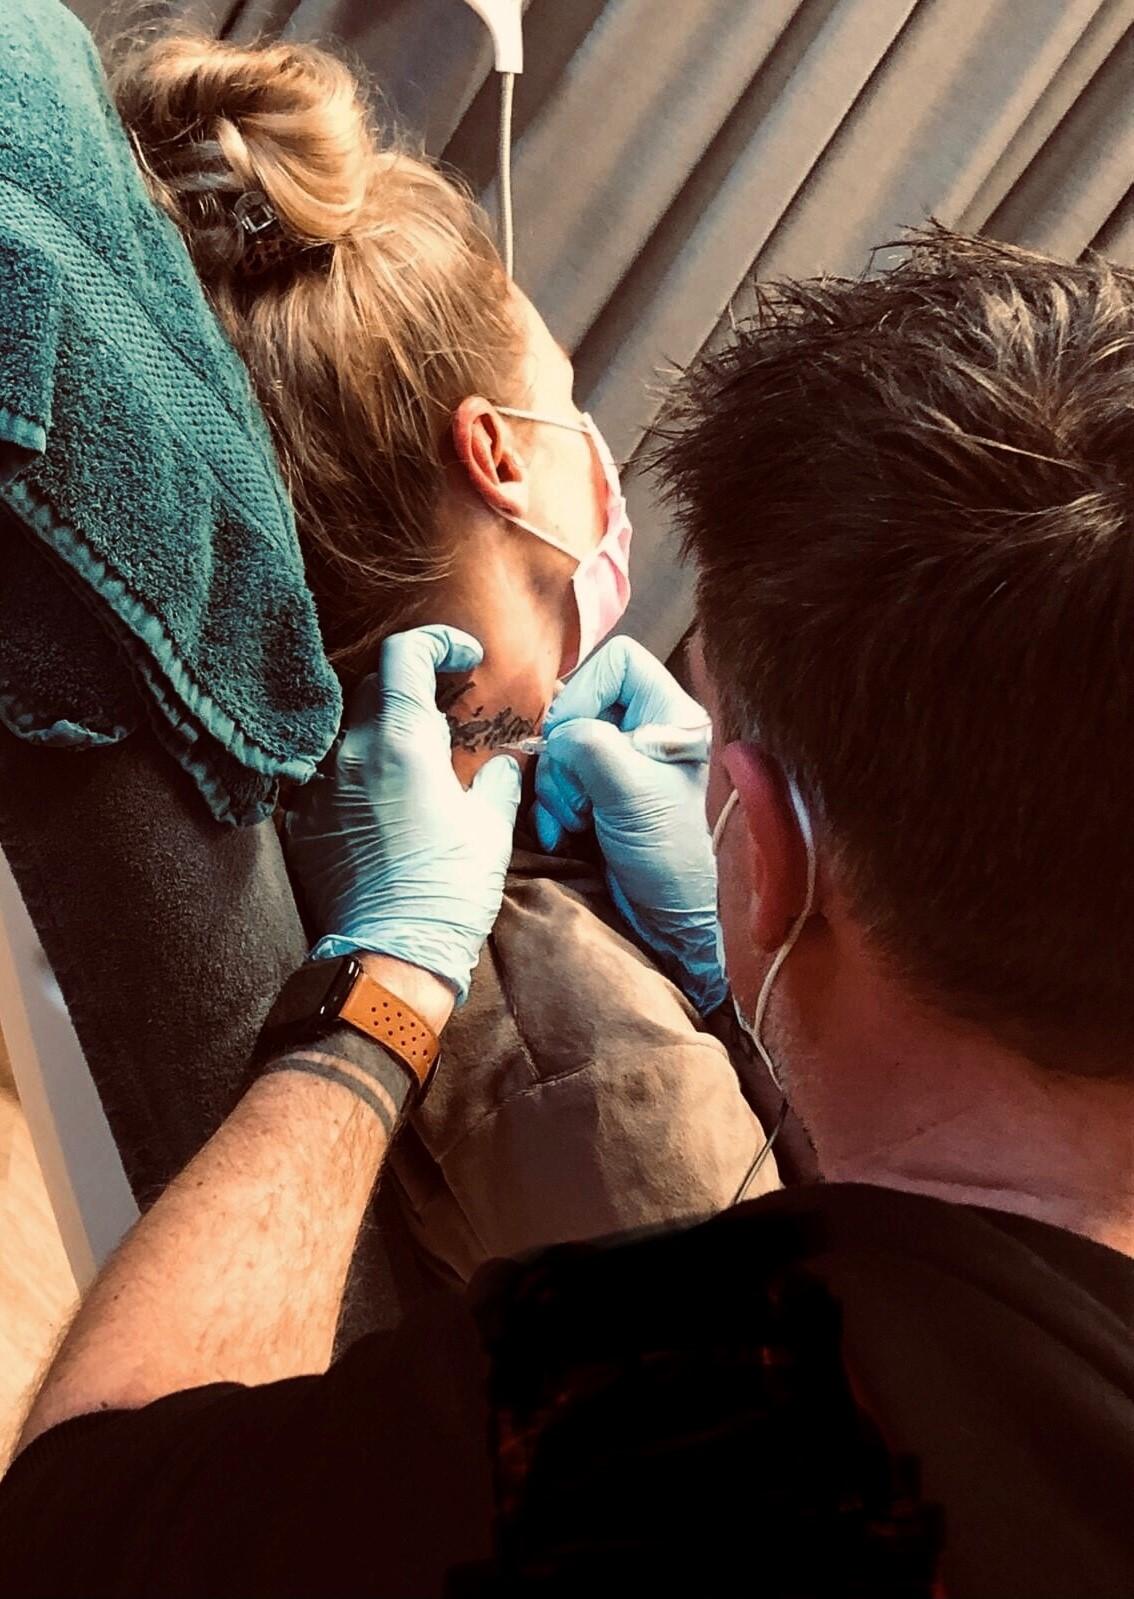 tatoeage en huid verbetering- vloeibaar tattoo verwijderen vanaf 59 euro